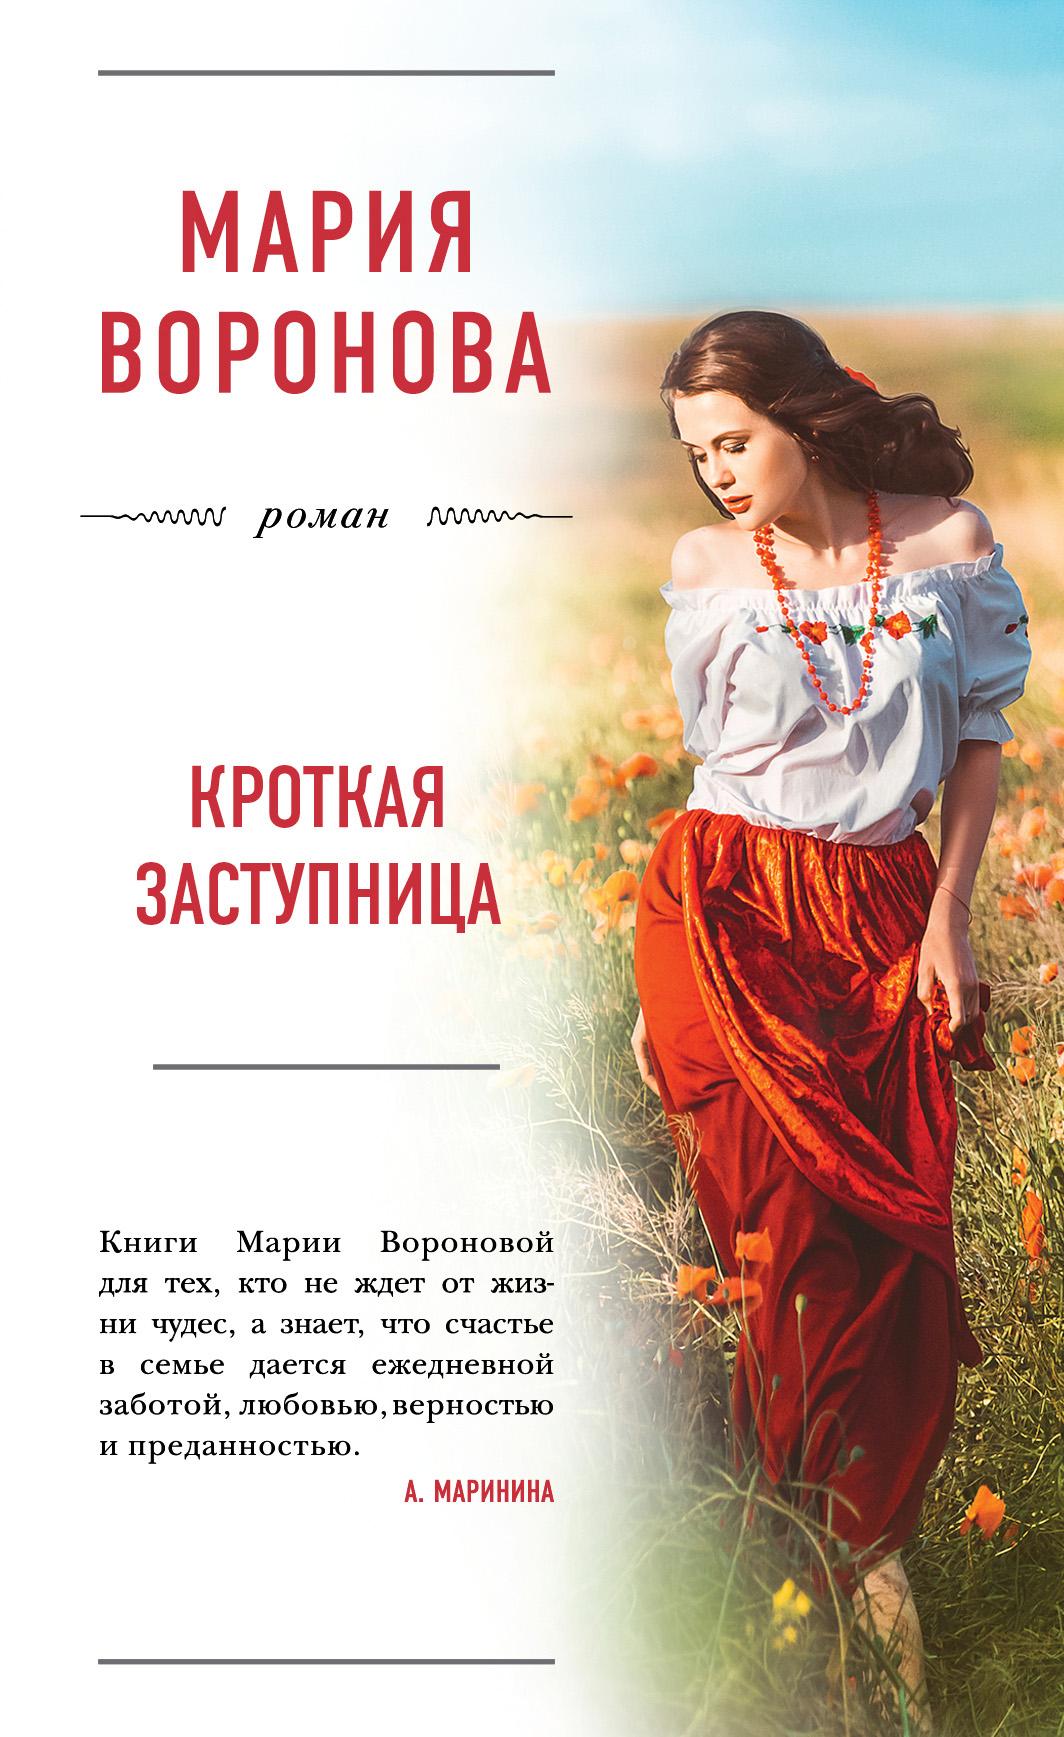 Астраханские девушки по вызову